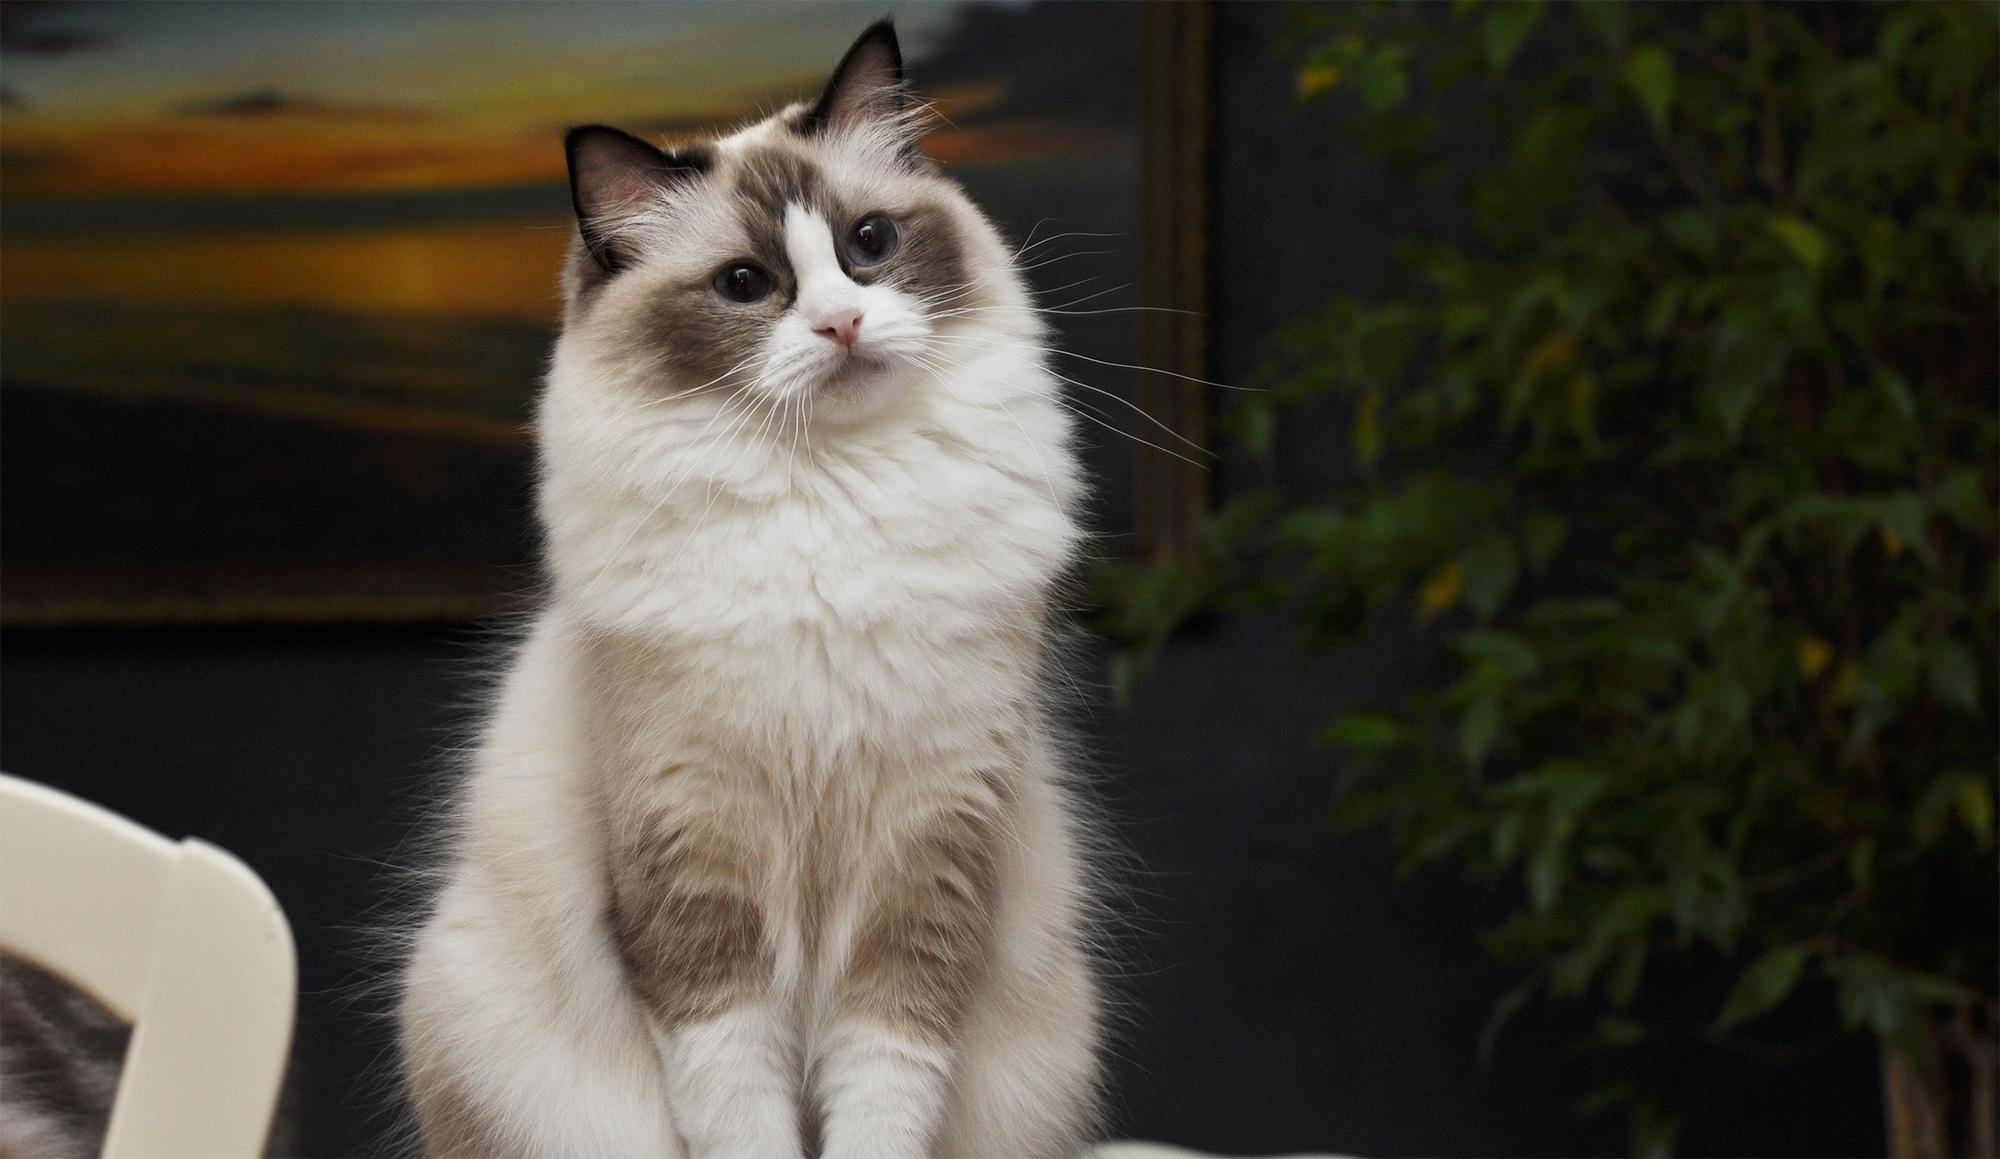 """""""Zdobyć przyjaźń kota nie jest rzeczą łatwą. Nie lokuje on swych uczuć nierozważnie: może zostać Waszym przyjacielem, jeśli jesteście tego godni, ale nigdy waszym niewolnikiem"""""""